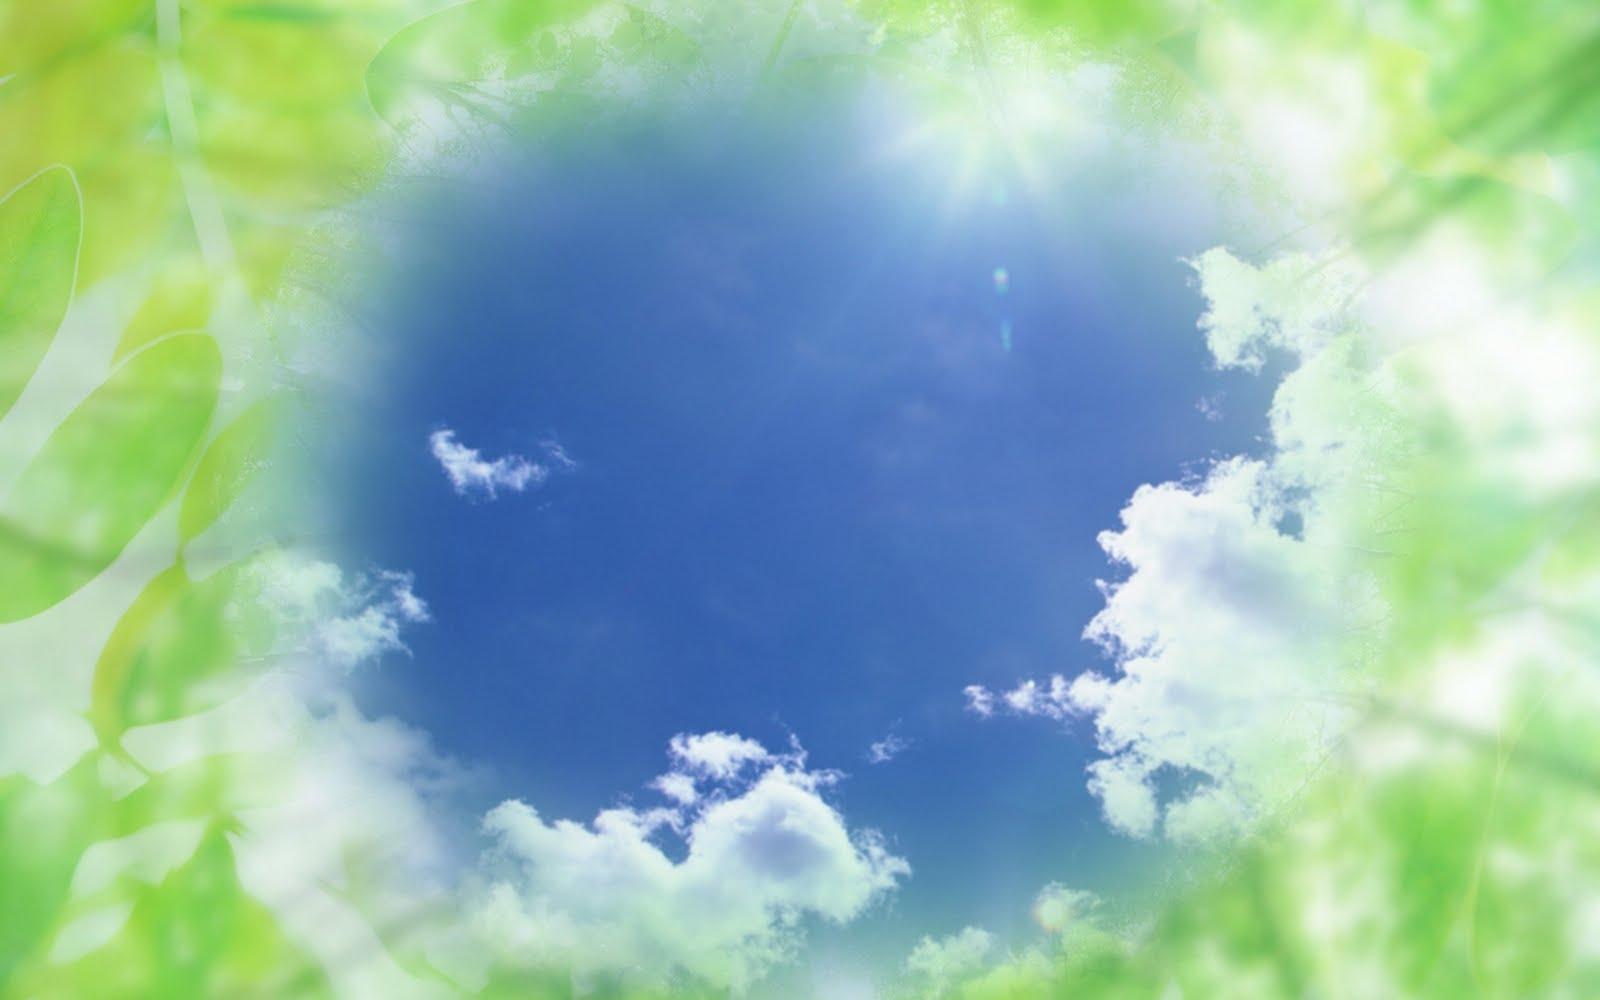 http://4.bp.blogspot.com/-VMWi1wrBGto/TdbdT2uFf_I/AAAAAAAAAV0/HZBPys_z-QQ/s1600/2.jpg